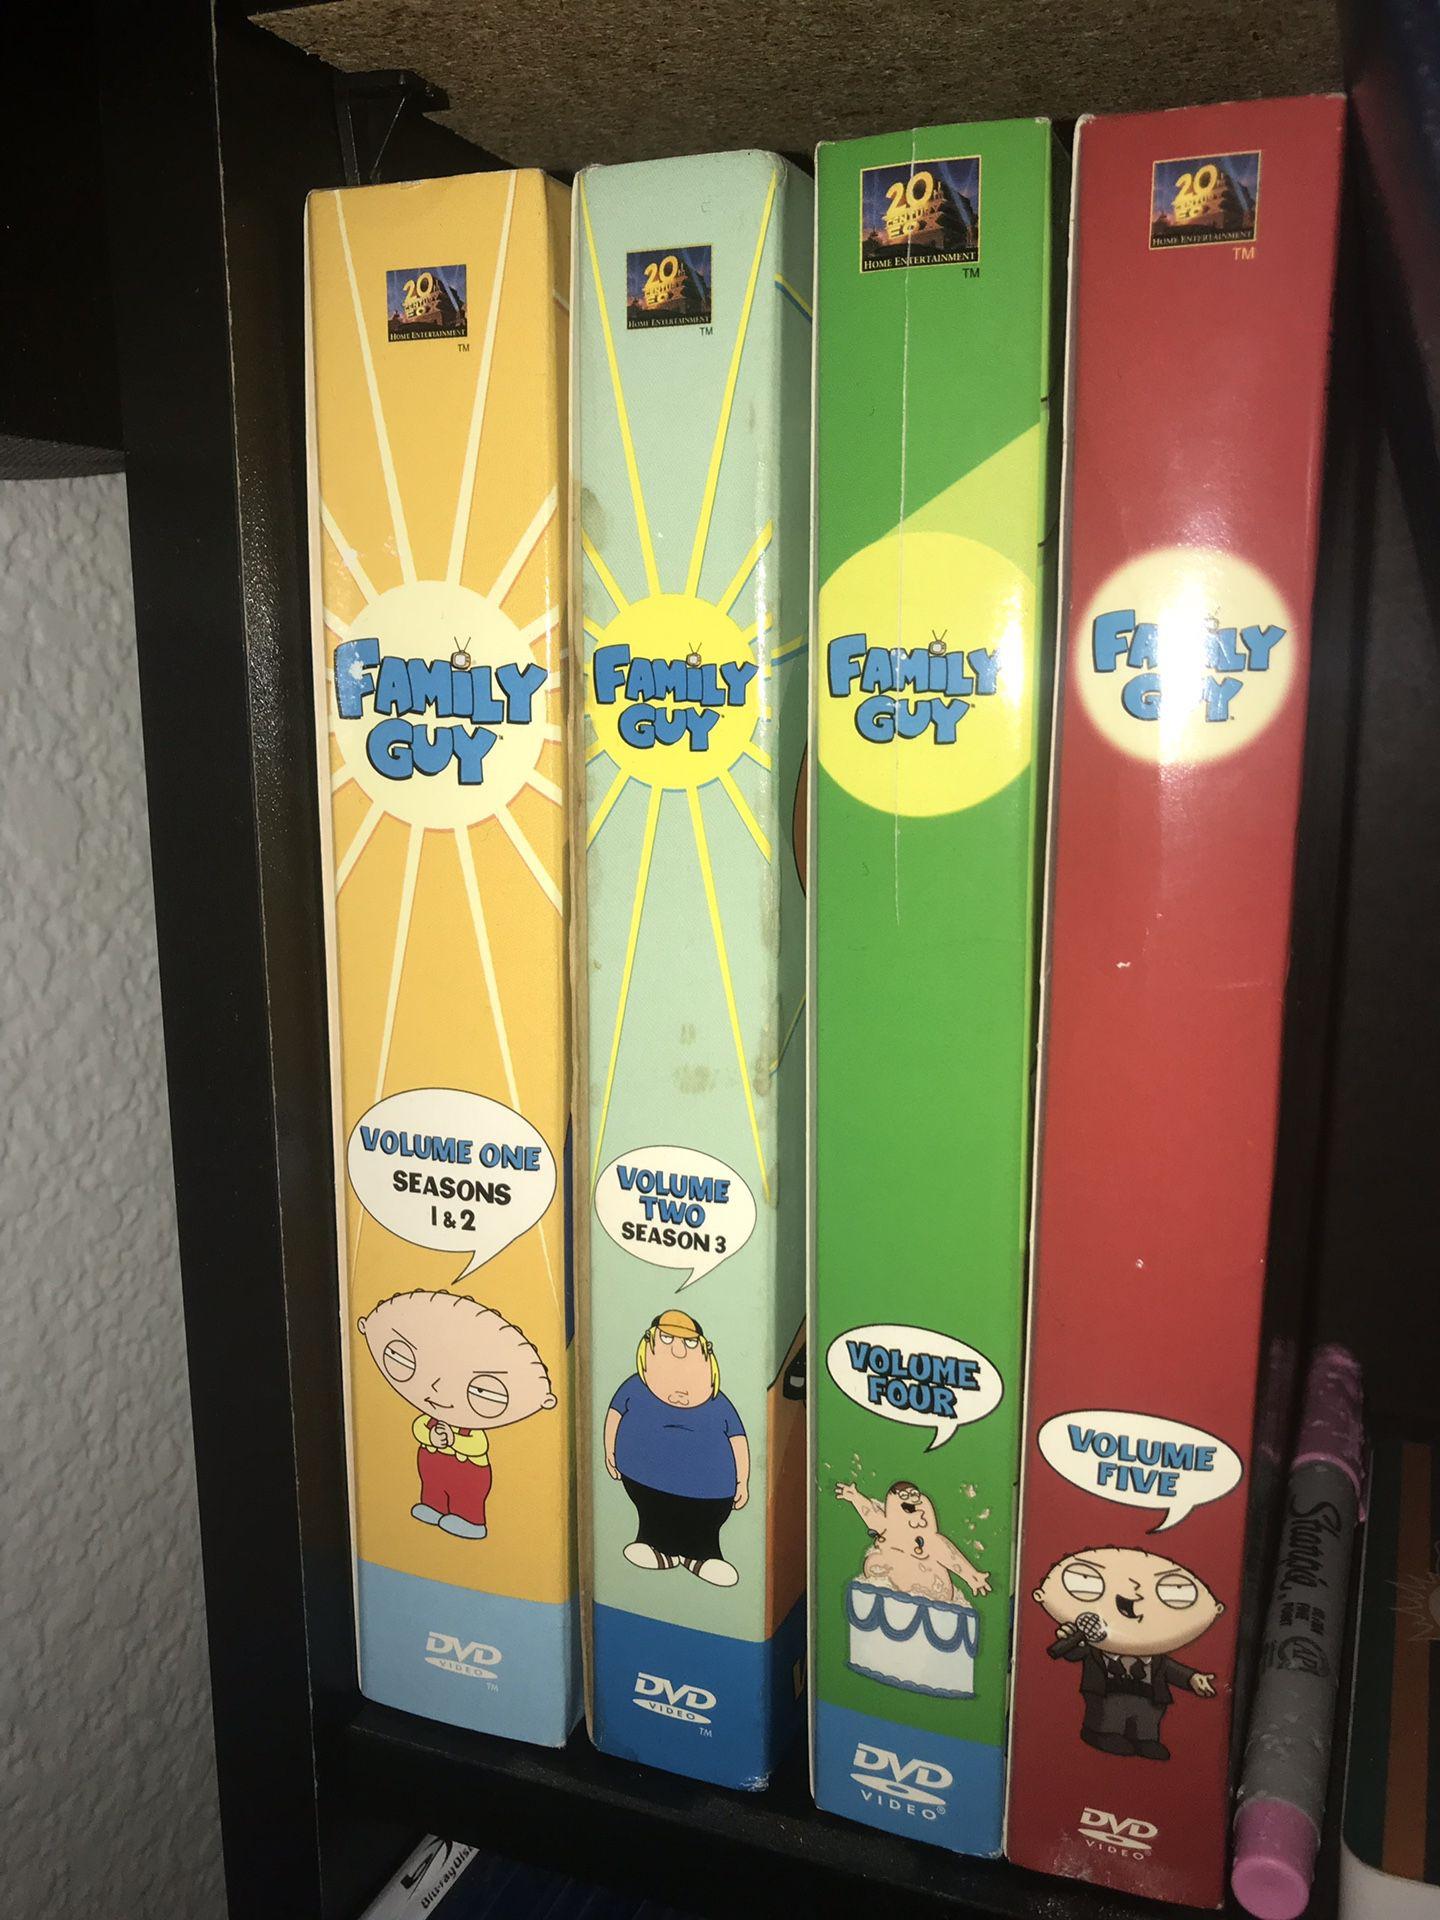 Family guy dvd season 1-5 movies